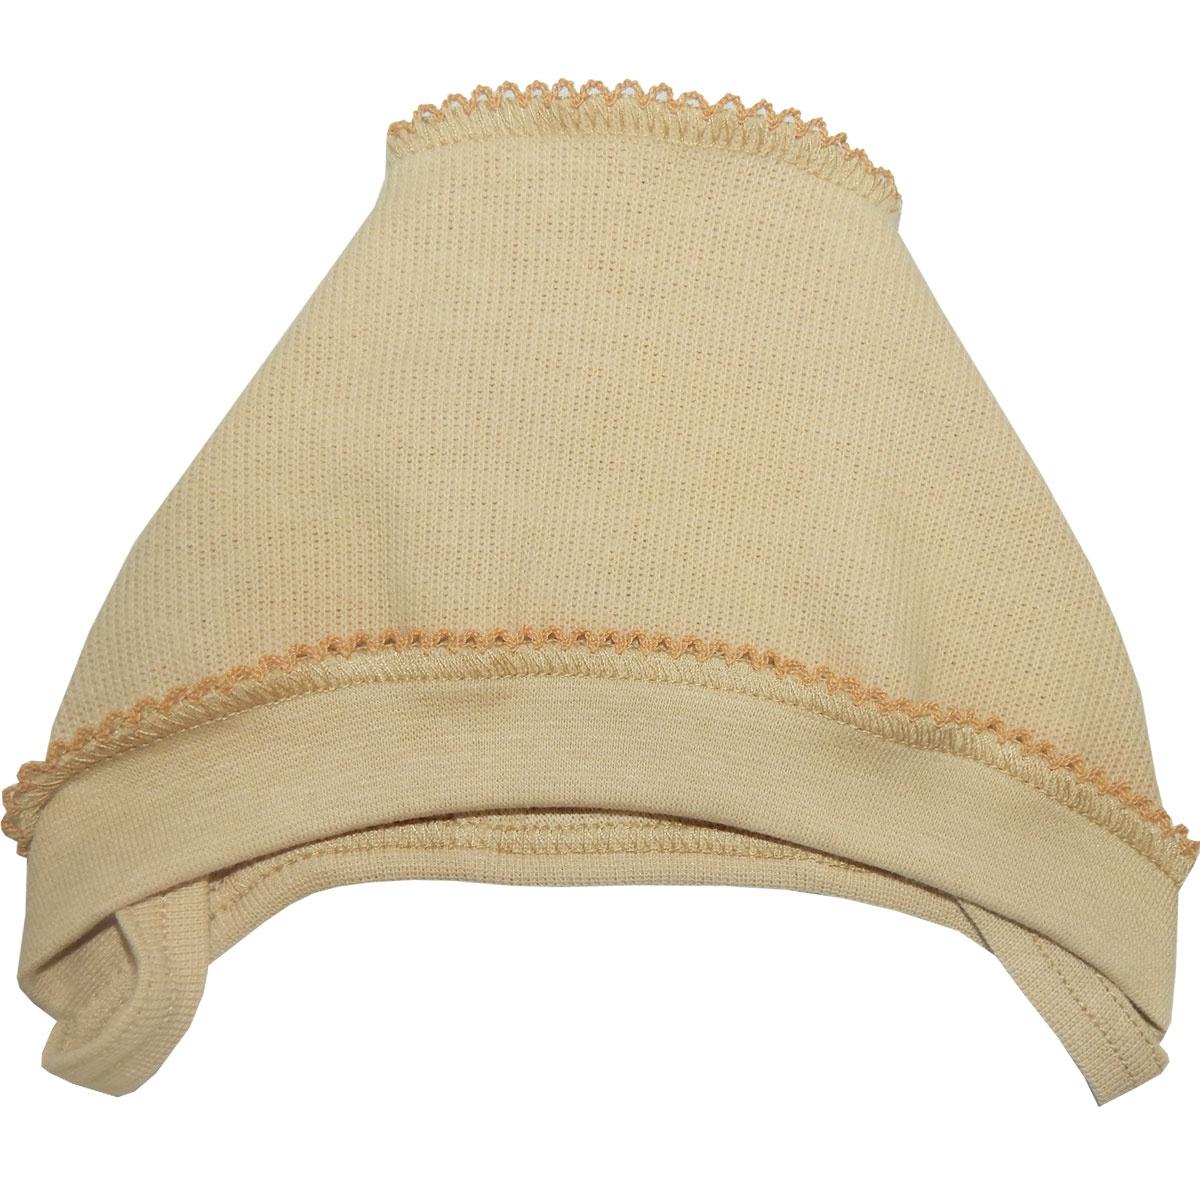 Чепчик ПАПИТТО одежда для новорожденных smil